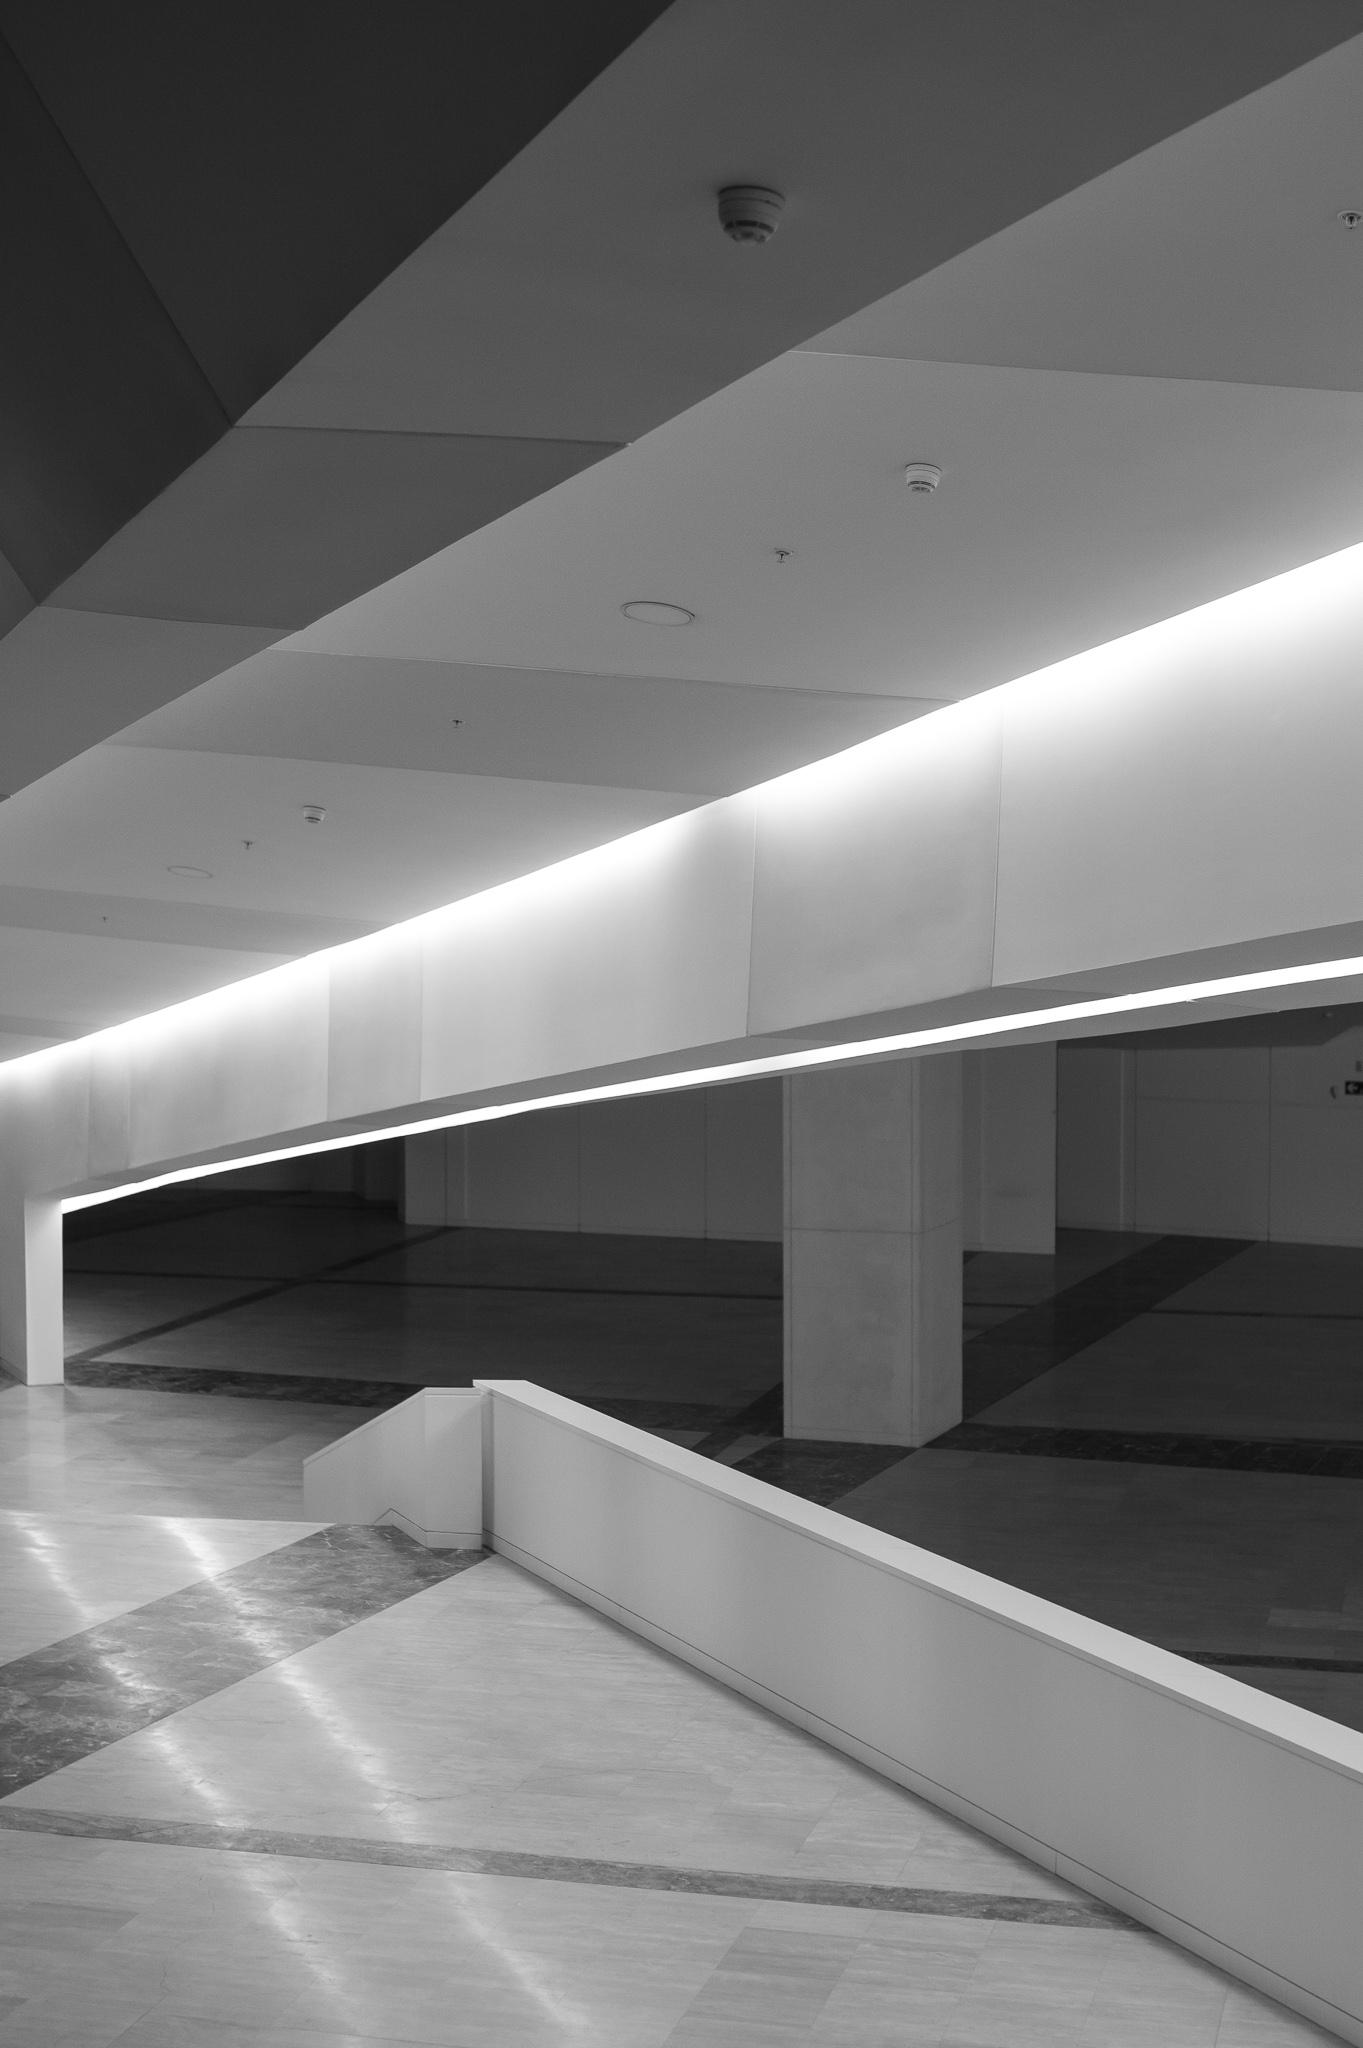 <p>La Ciudad de la Cultura es un proyecto diseñado por el arquitecto estadounidense Peter Eisenman en 1999. <br><br> El complejo arquitectónico, que cuenta con cuatro de los seis edificios proyectados, se erige sobre el Monte Gaiás en las proximidades de Compostela. </p>